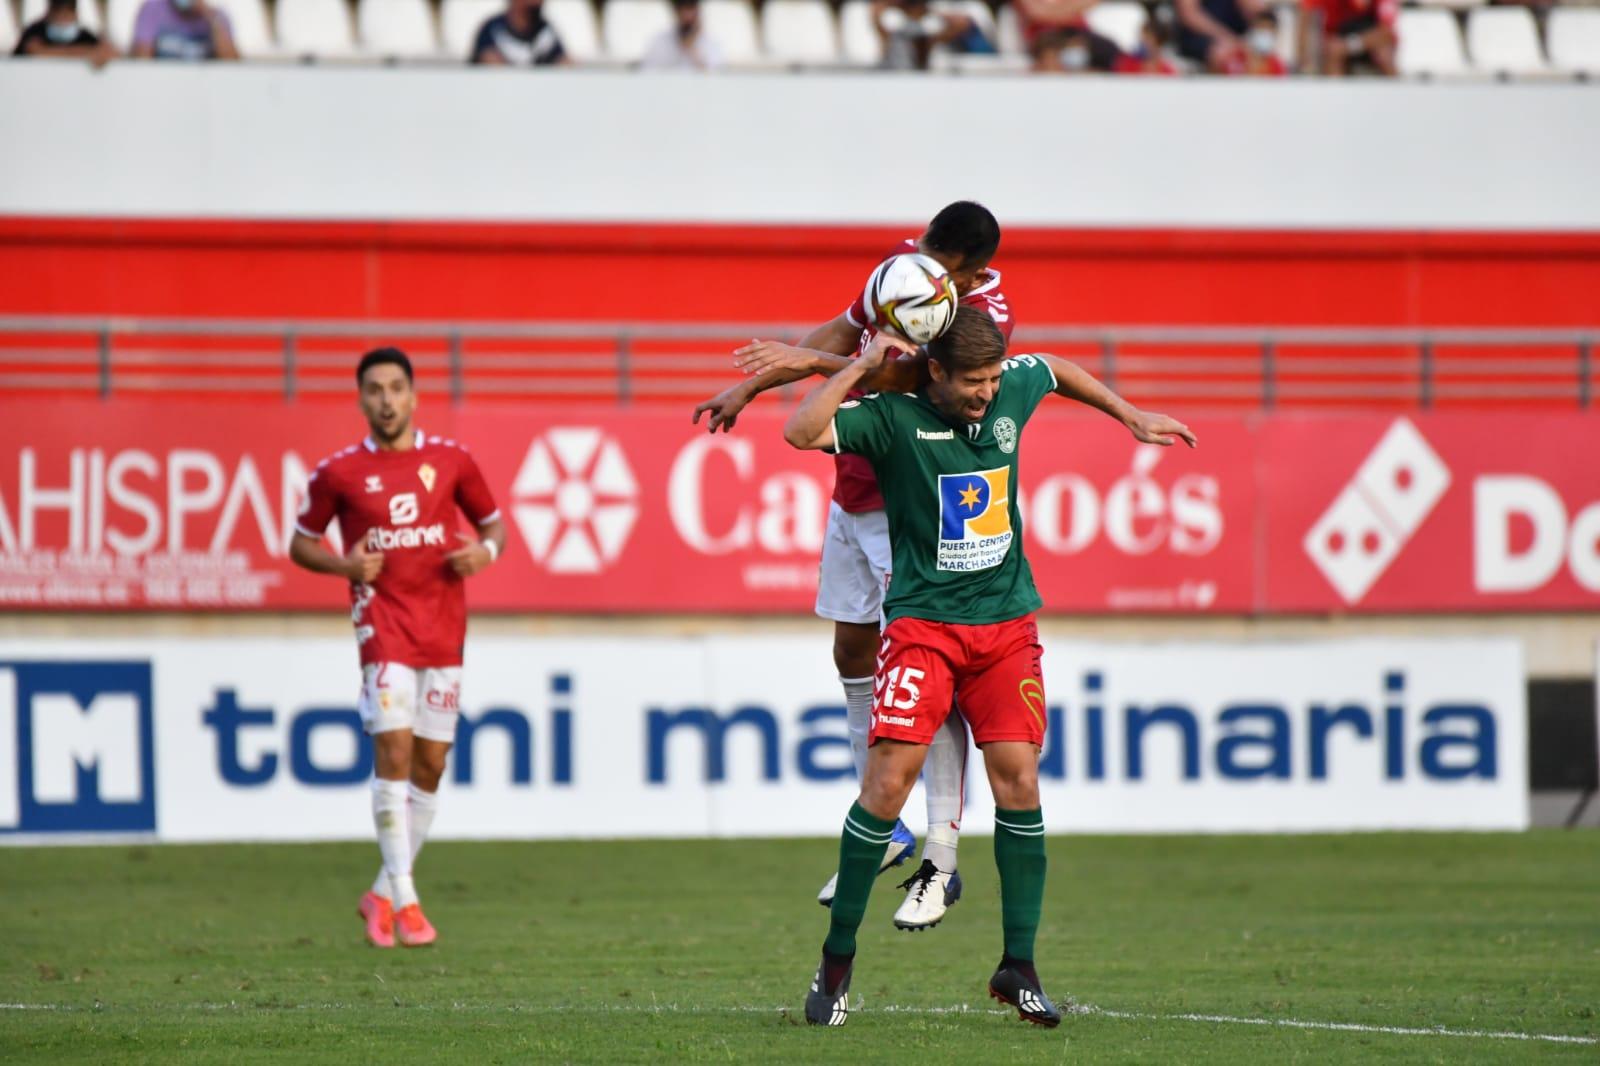 El histórico debut del CD Marchamalo en Segunda RFEF se salda con una derrota por la mínima en Murcia